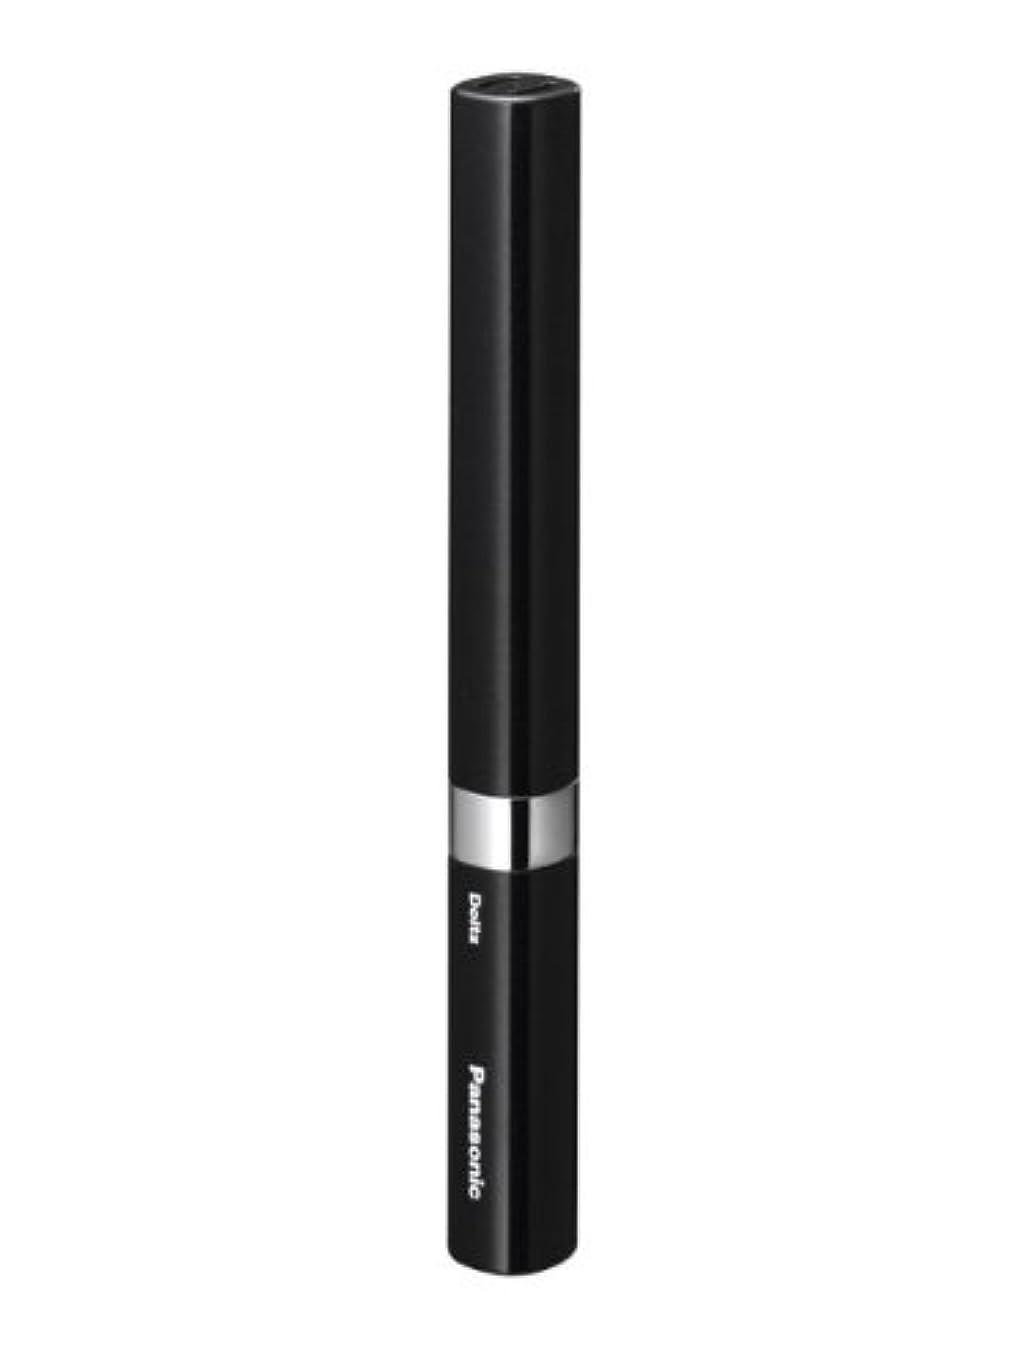 パナソニック 音波振動ハブラシ ポケットドルツ 黒 EW-DS14-K